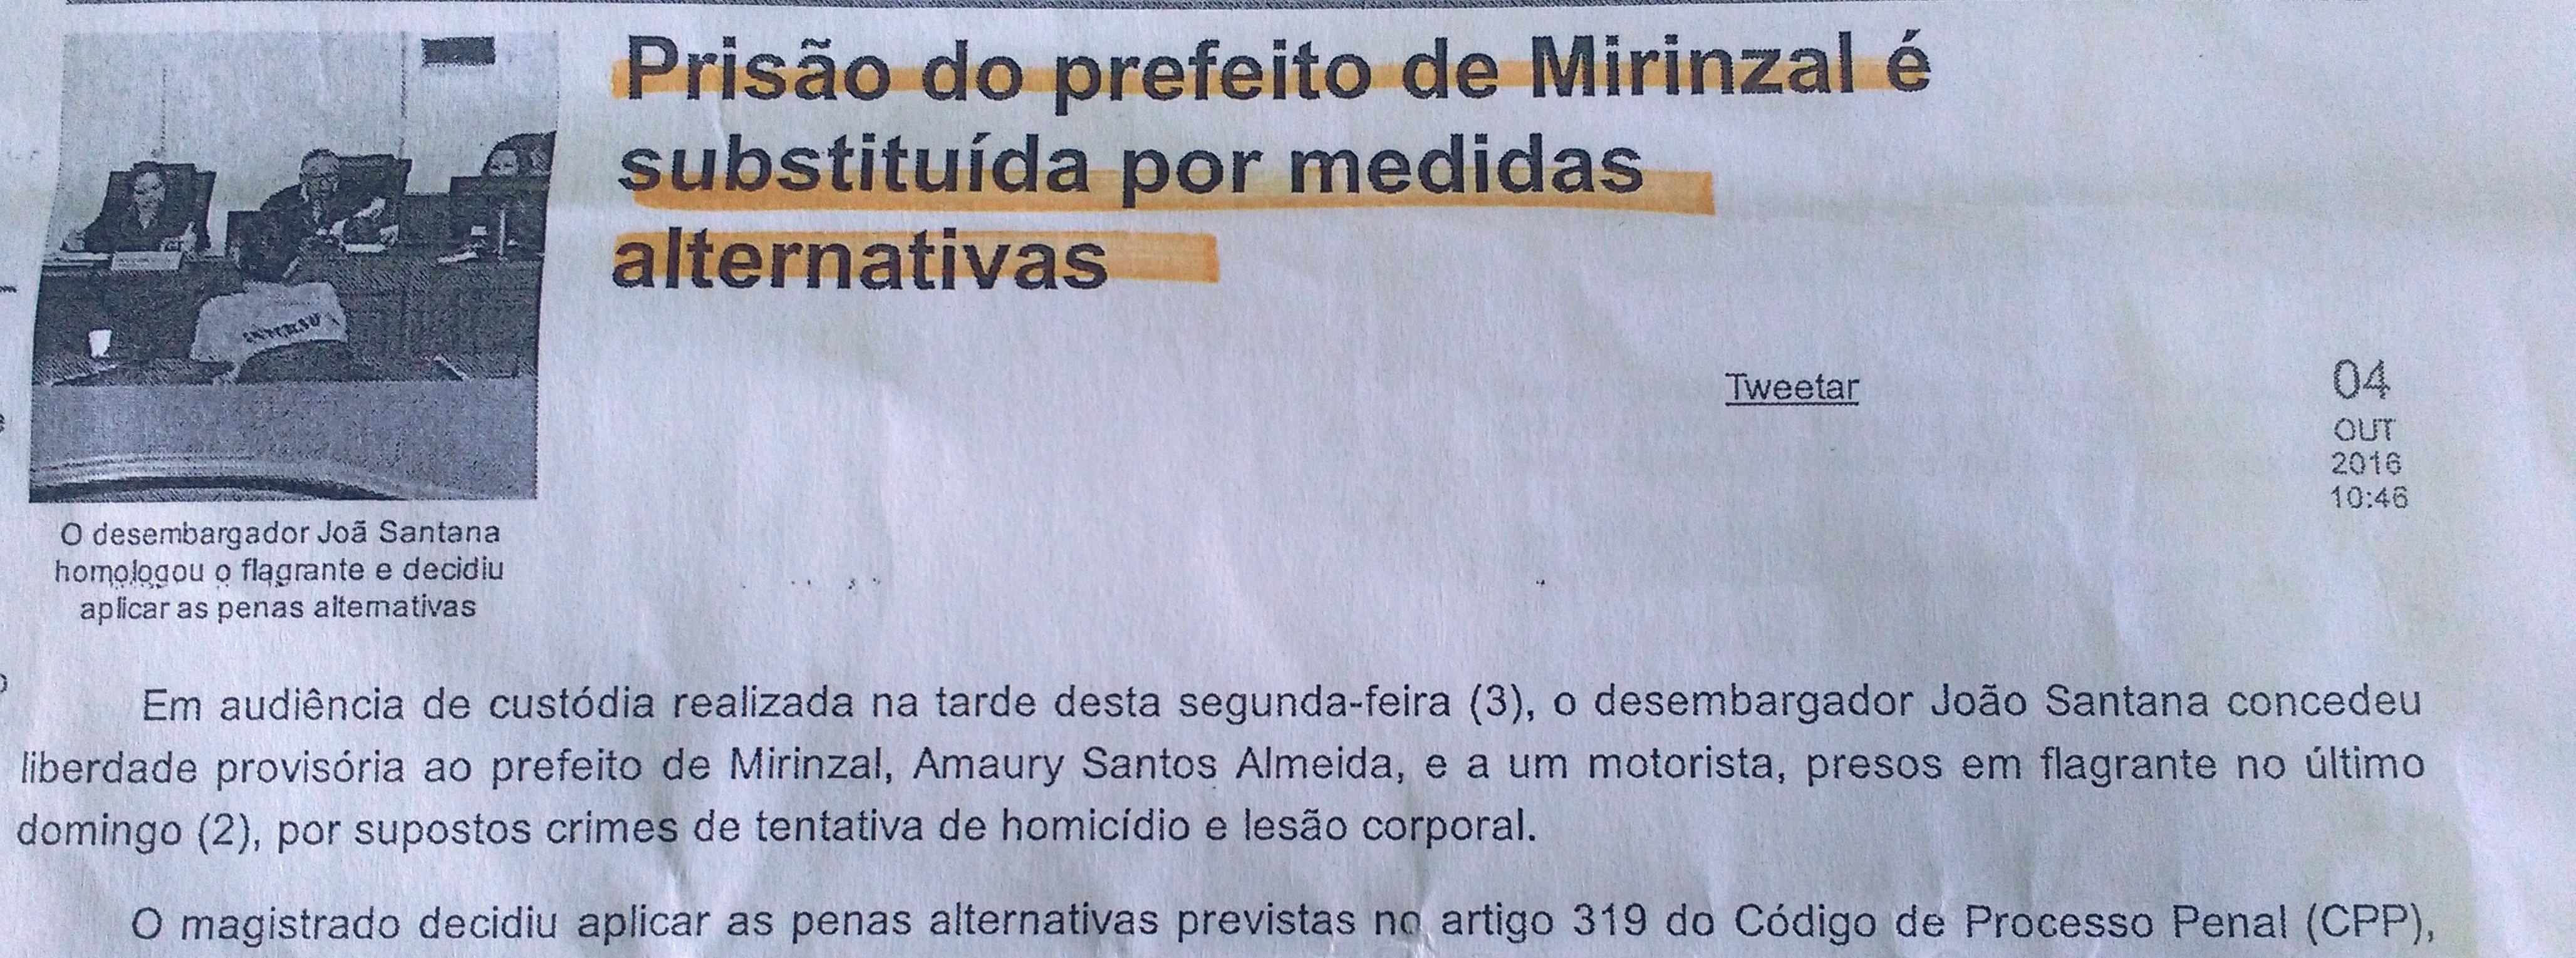 Prefeito de Mirinzal cumpre Penas Alternativas por suspeitas em ações criminosas